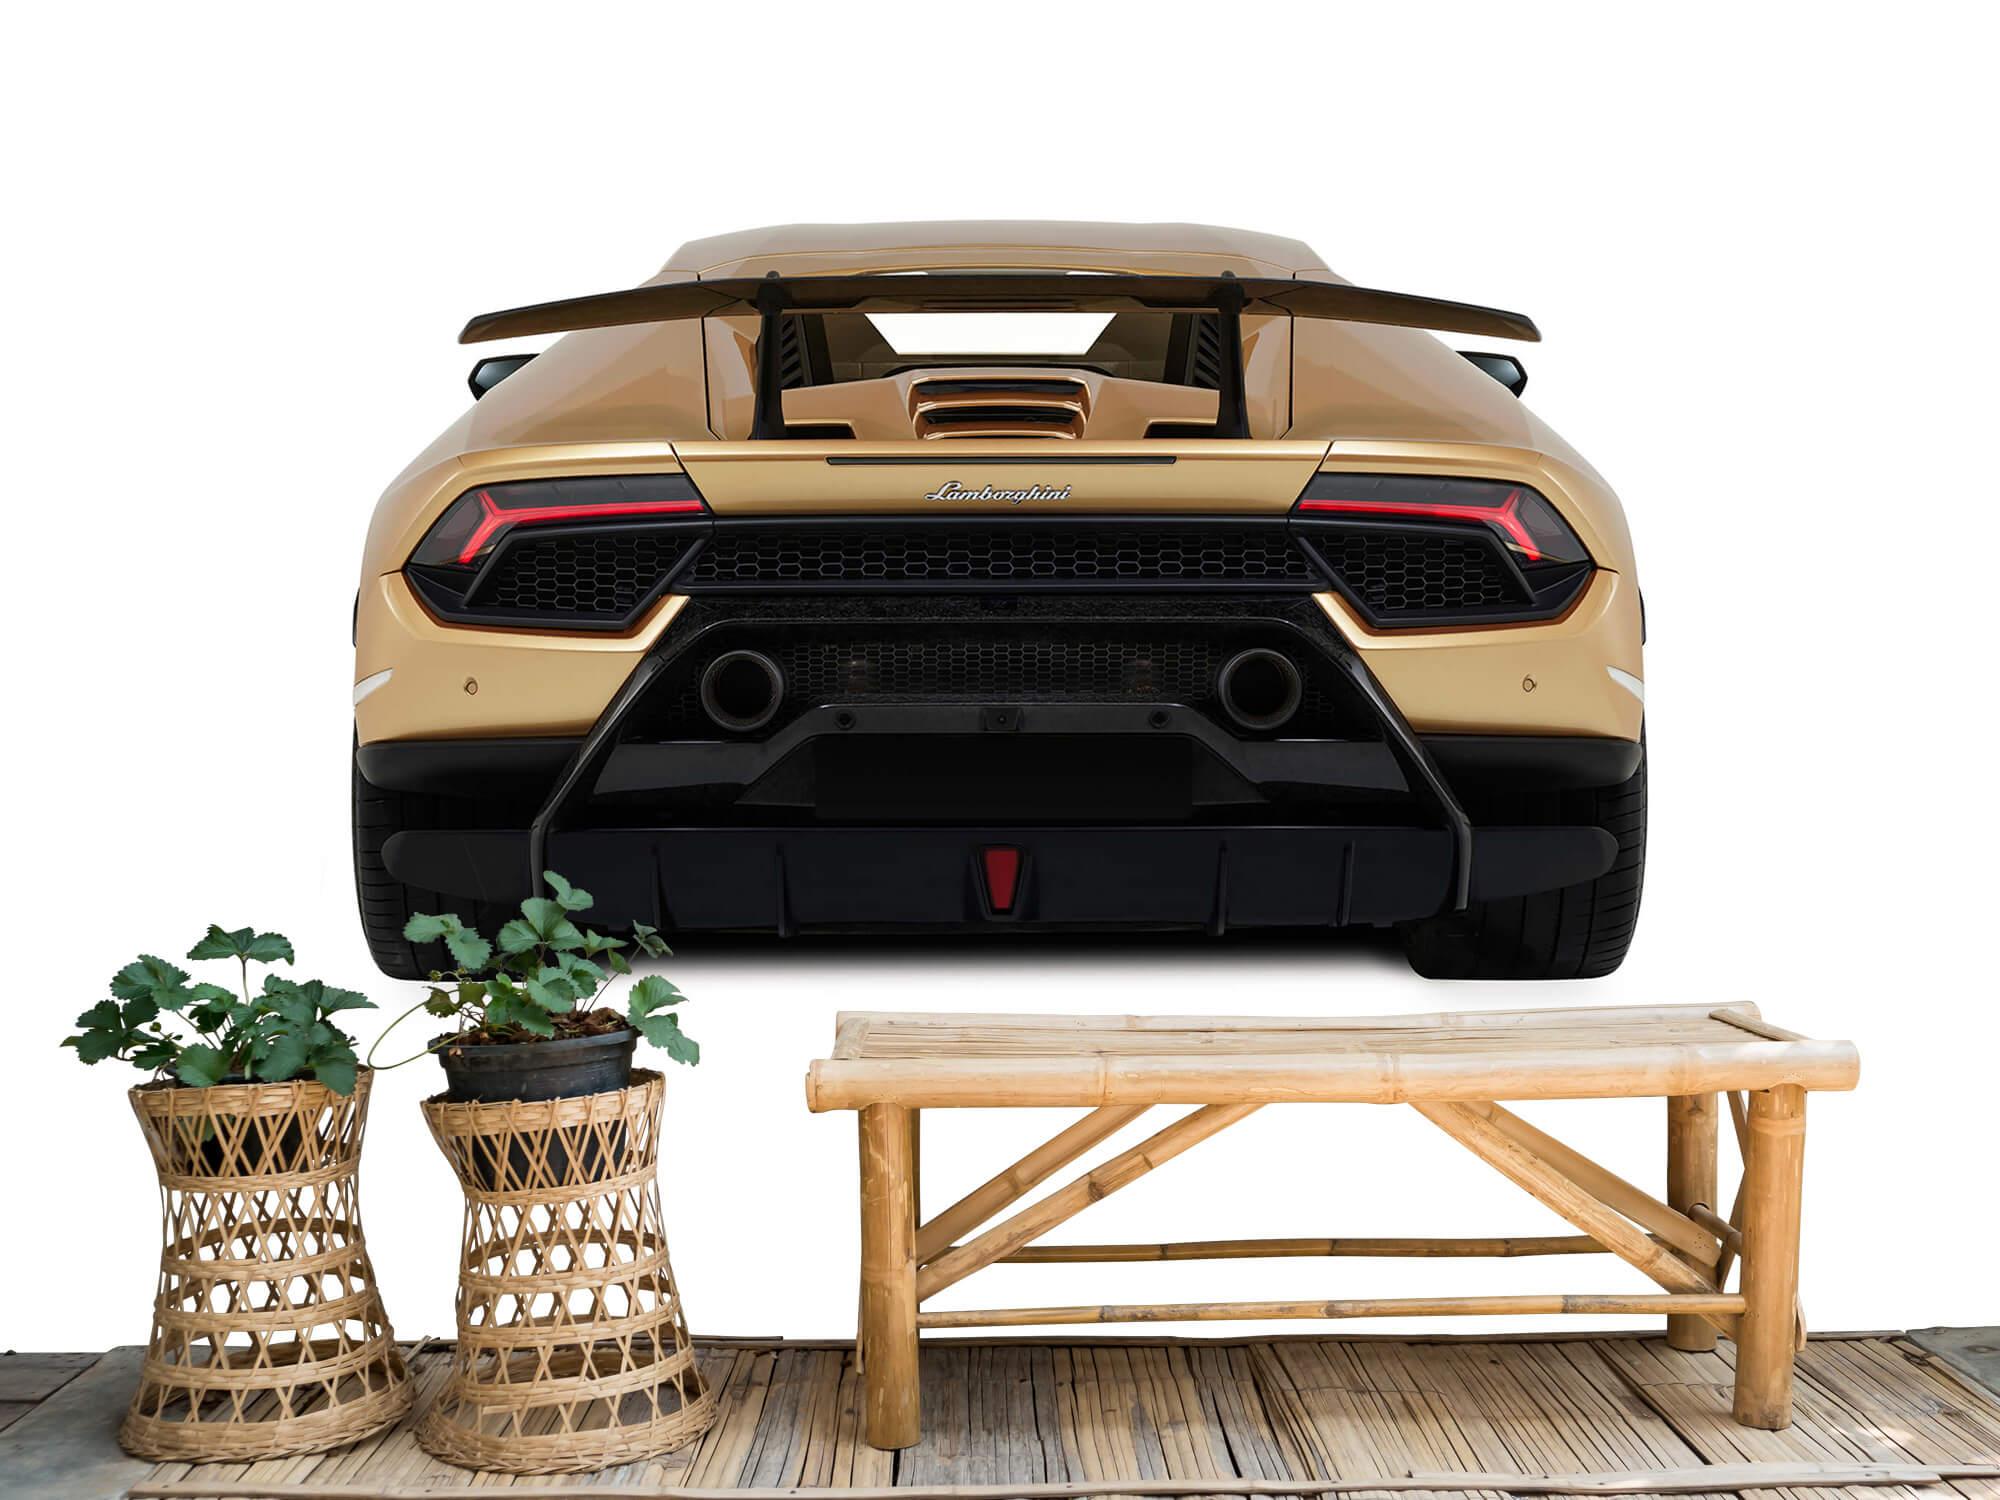 Wallpaper Lamborghini Huracán - Rear view, white 4